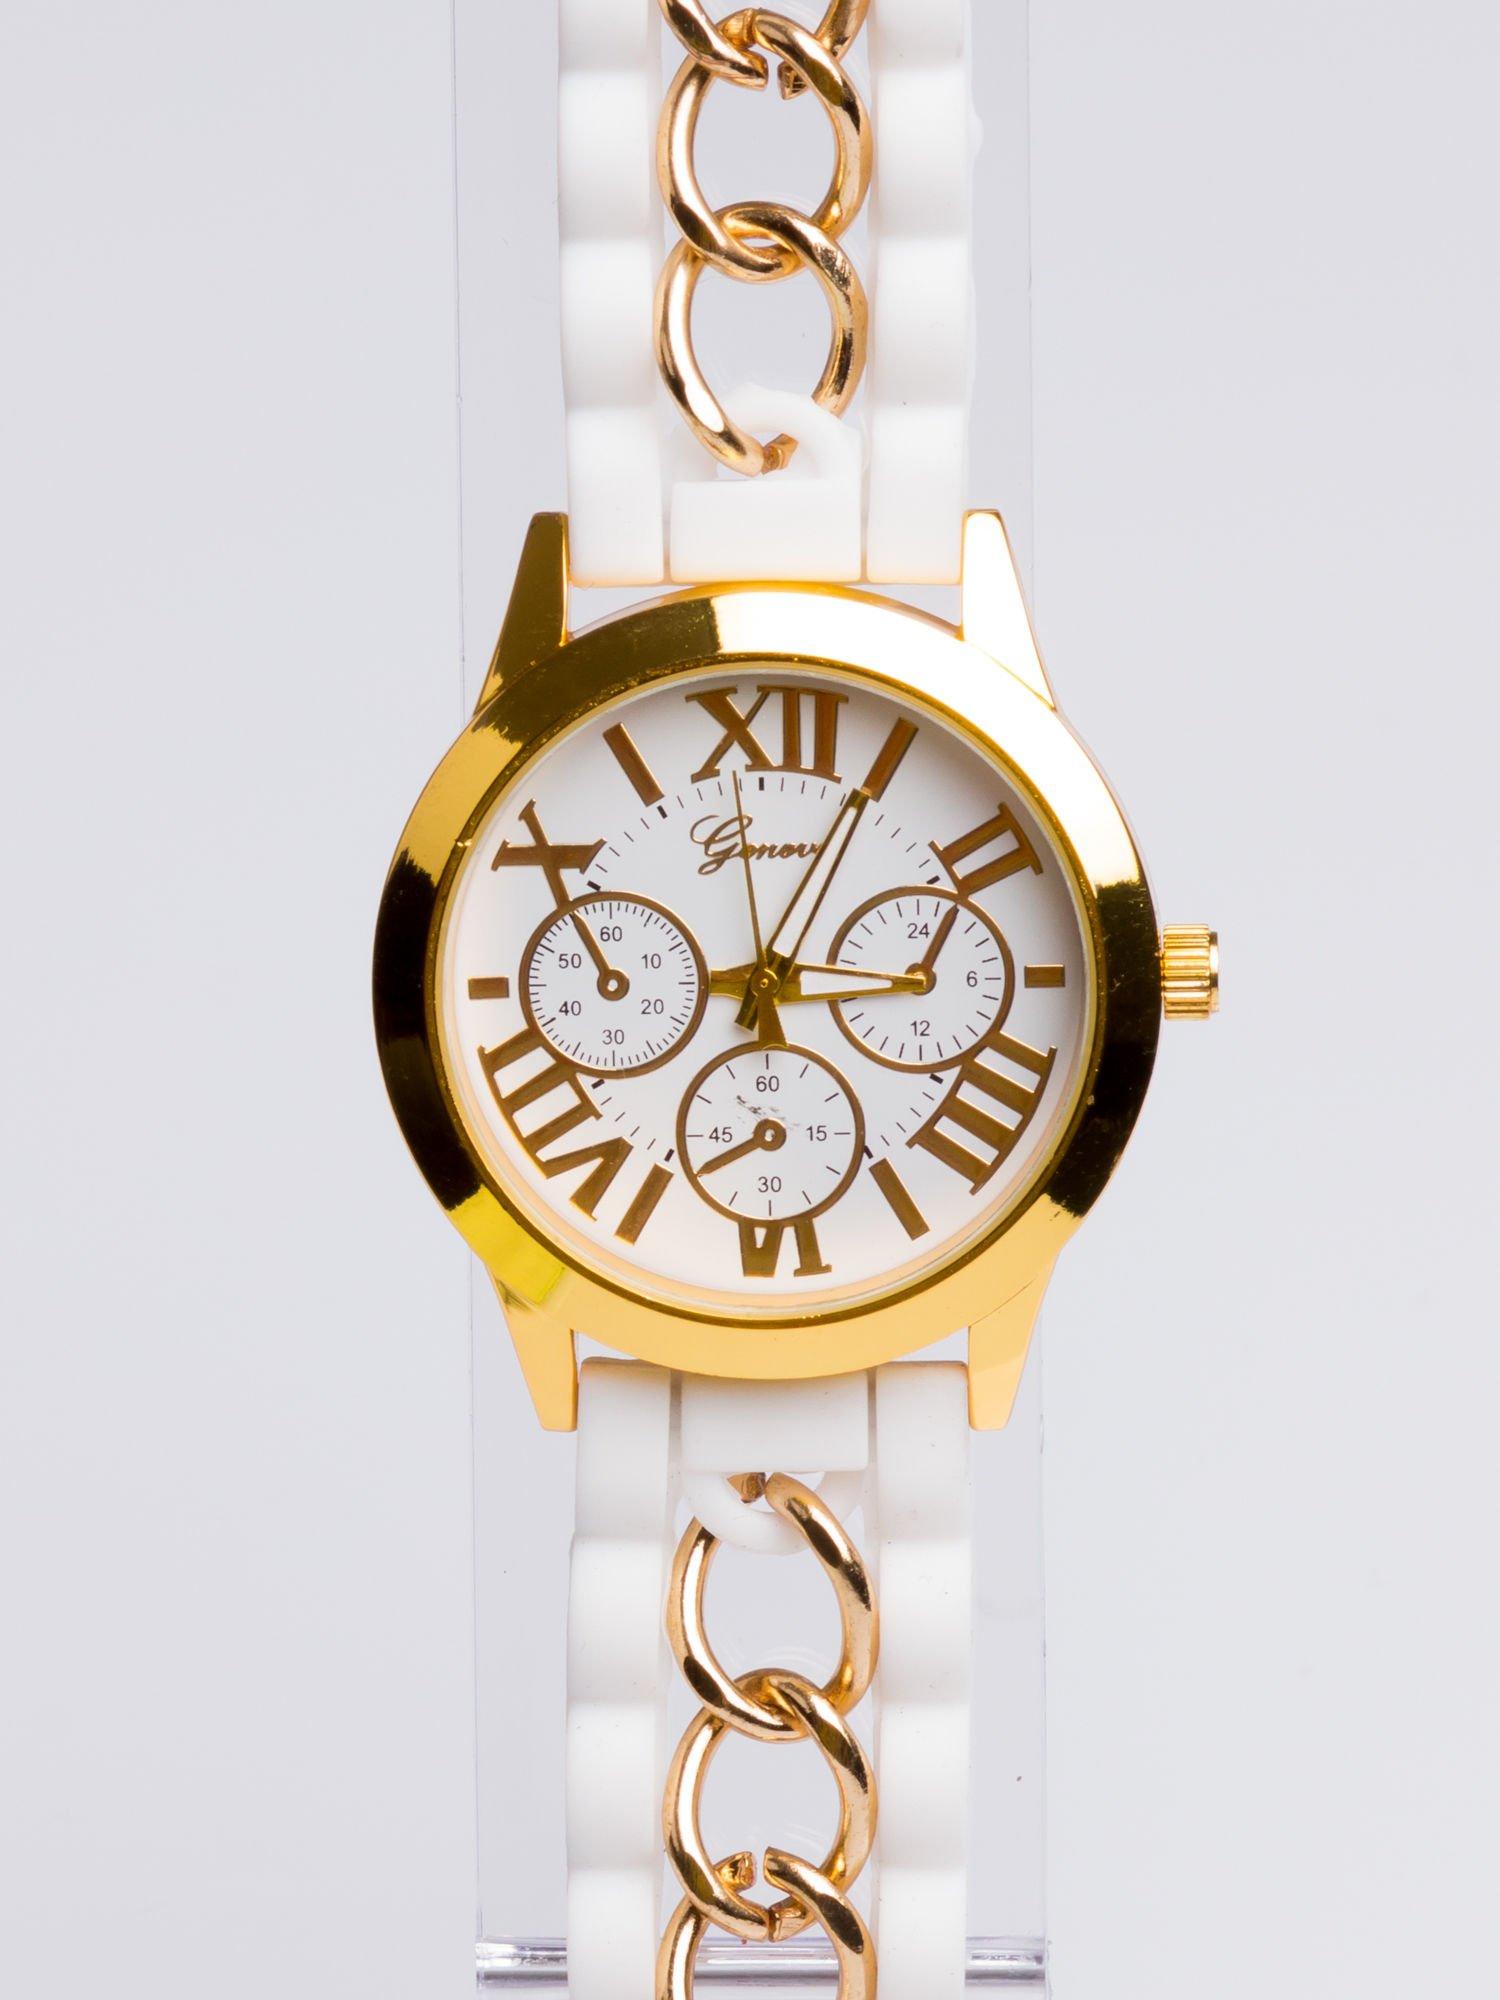 GENEVA Modny biały damski zegarek ze złotym łańcuszkiem na pasku                                  zdj.                                  3